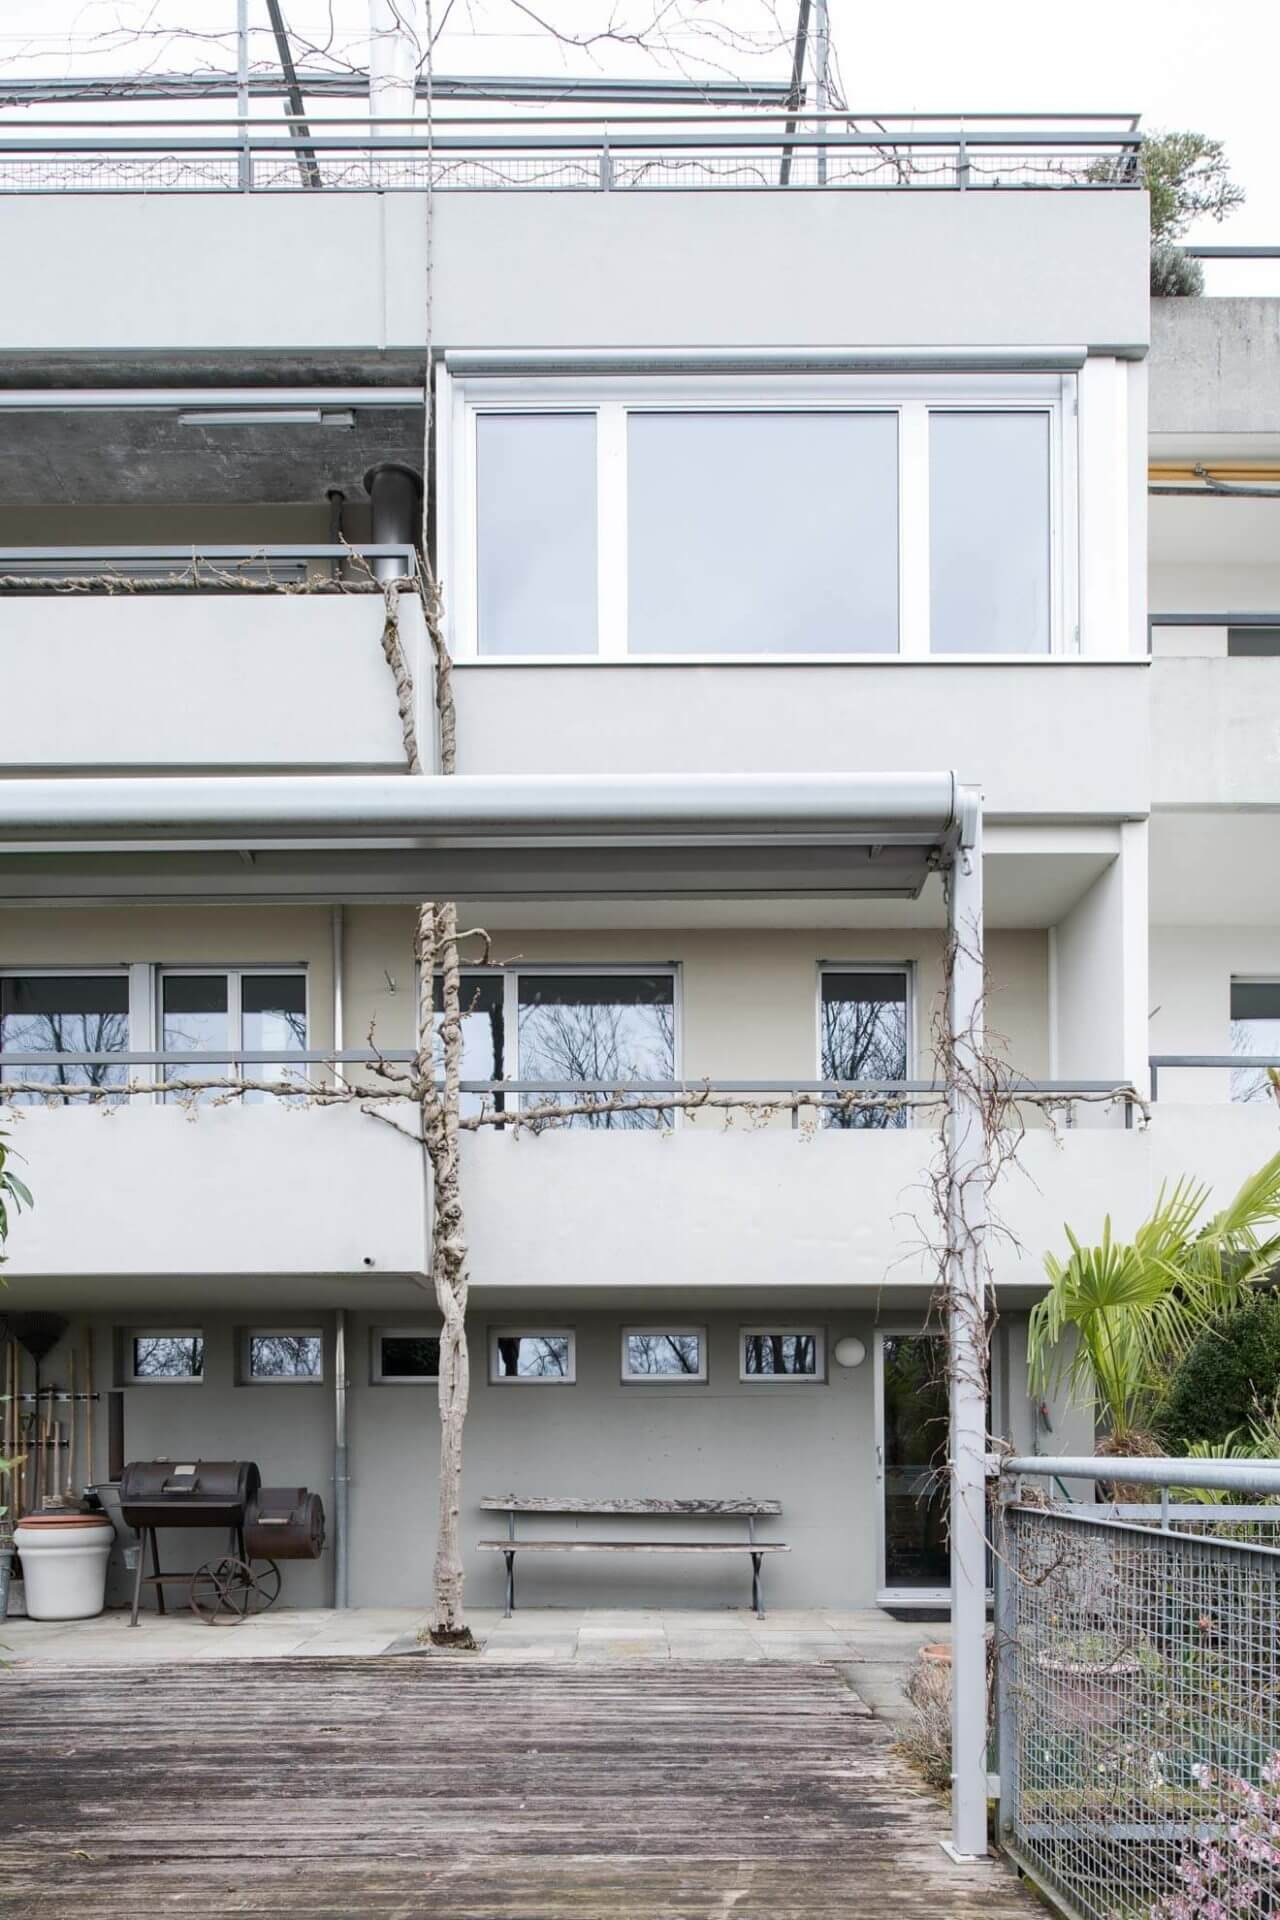 Am Hang Farb- und Materialkonzept im Innen- und Aussenraum. Renovation Reiheneinfamilienhaus, Bremgarten bei Bern